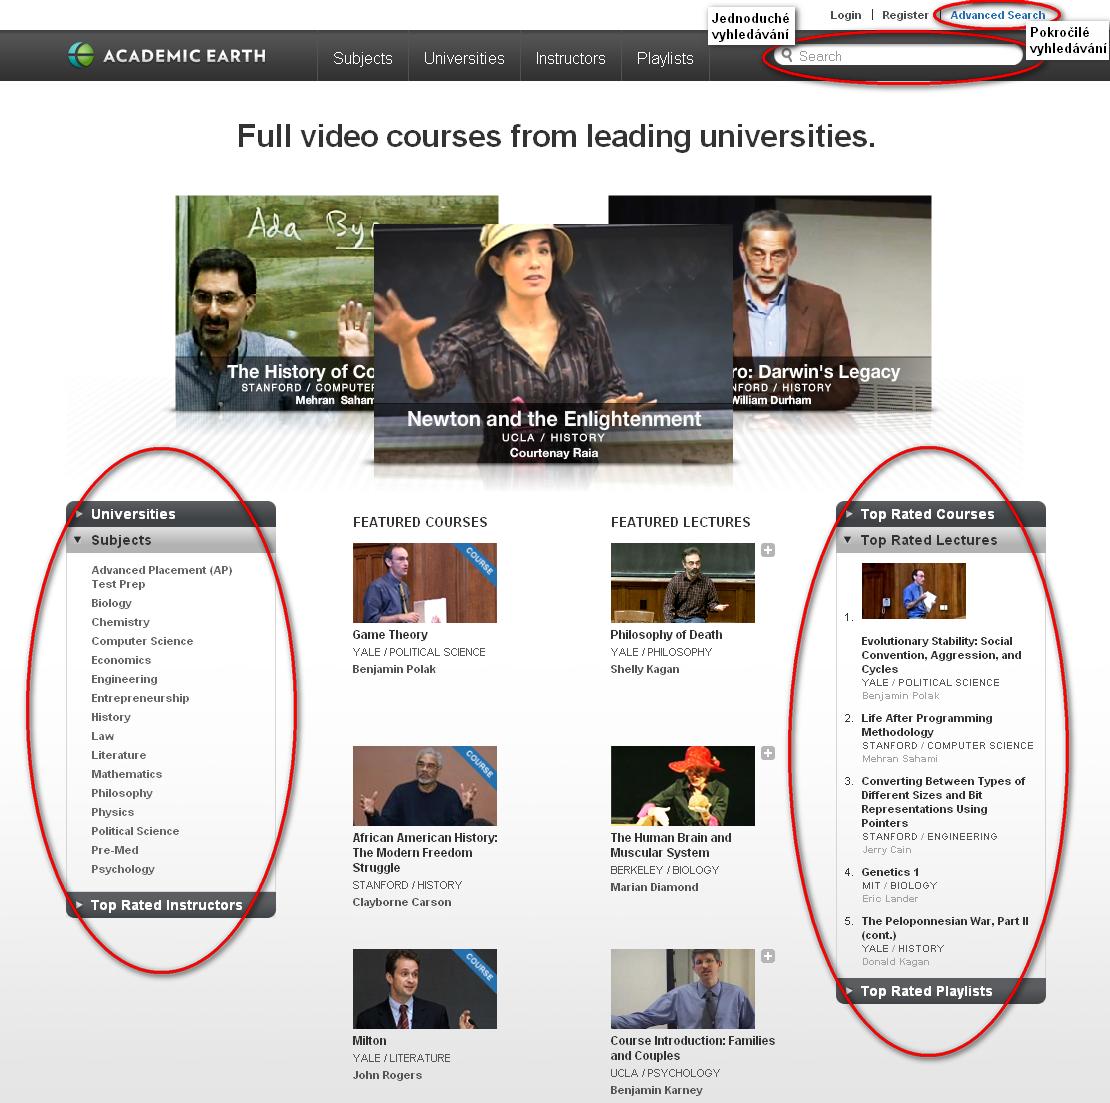 Obr. 1: Rozložení titulní stránky – jednoduché a rozšířené vyhledávání, předmětové skupiny